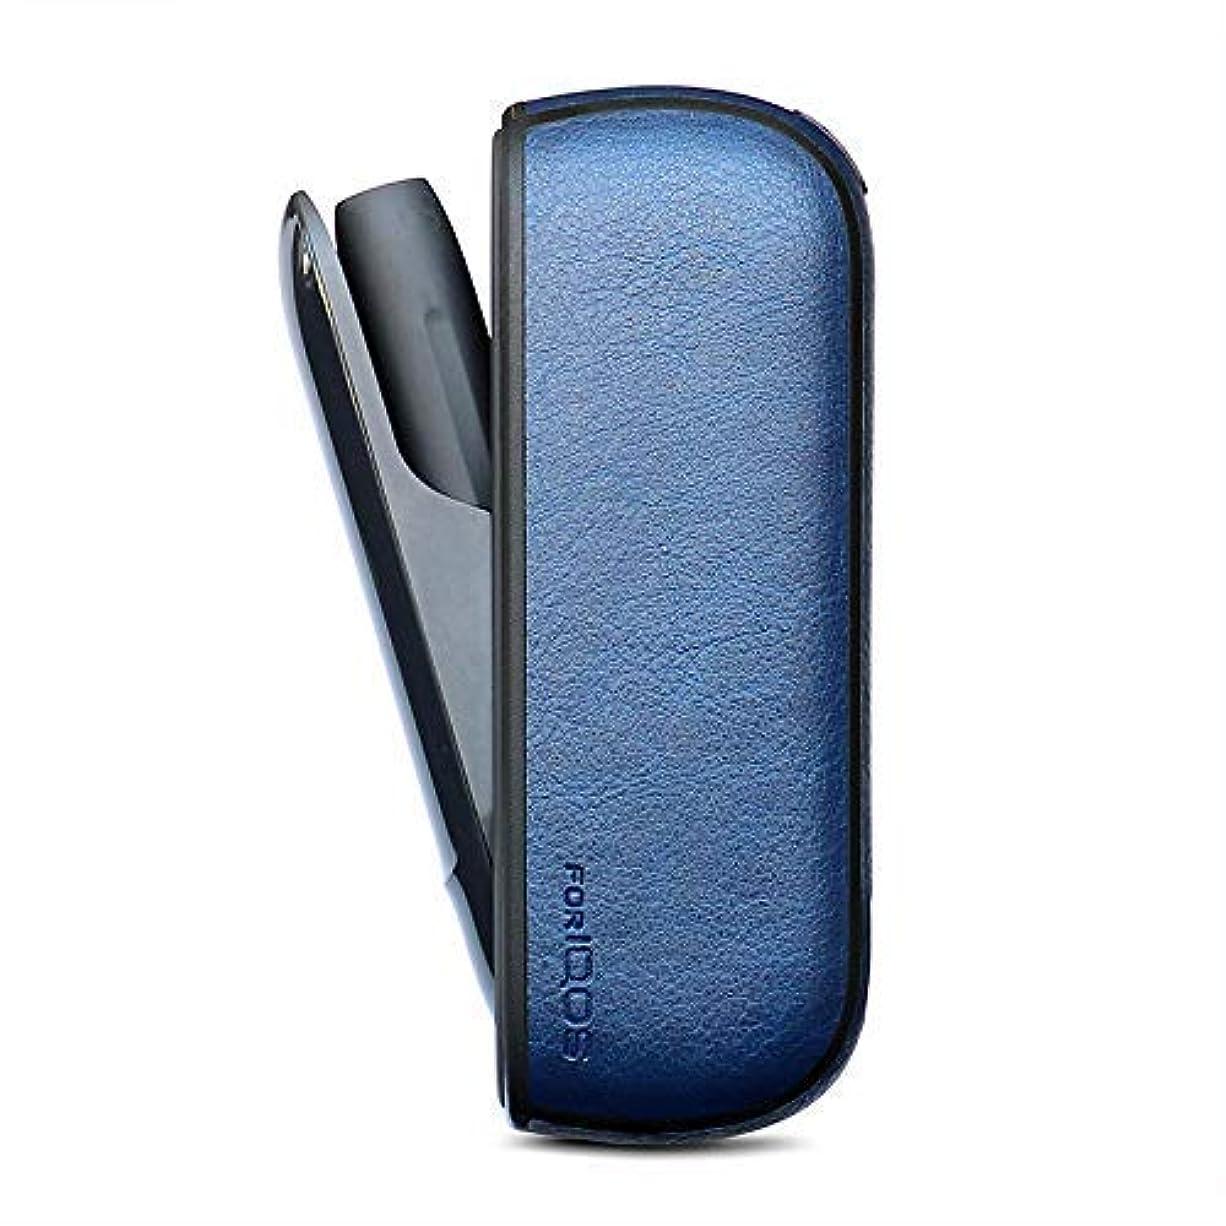 泣くにもかかわらず詐欺IQOS 3 キット 対応 保護ケース アイコス3専用ケース カバー PUレザー 最新型 アイコス収納ケース レザーケース (ブルー)